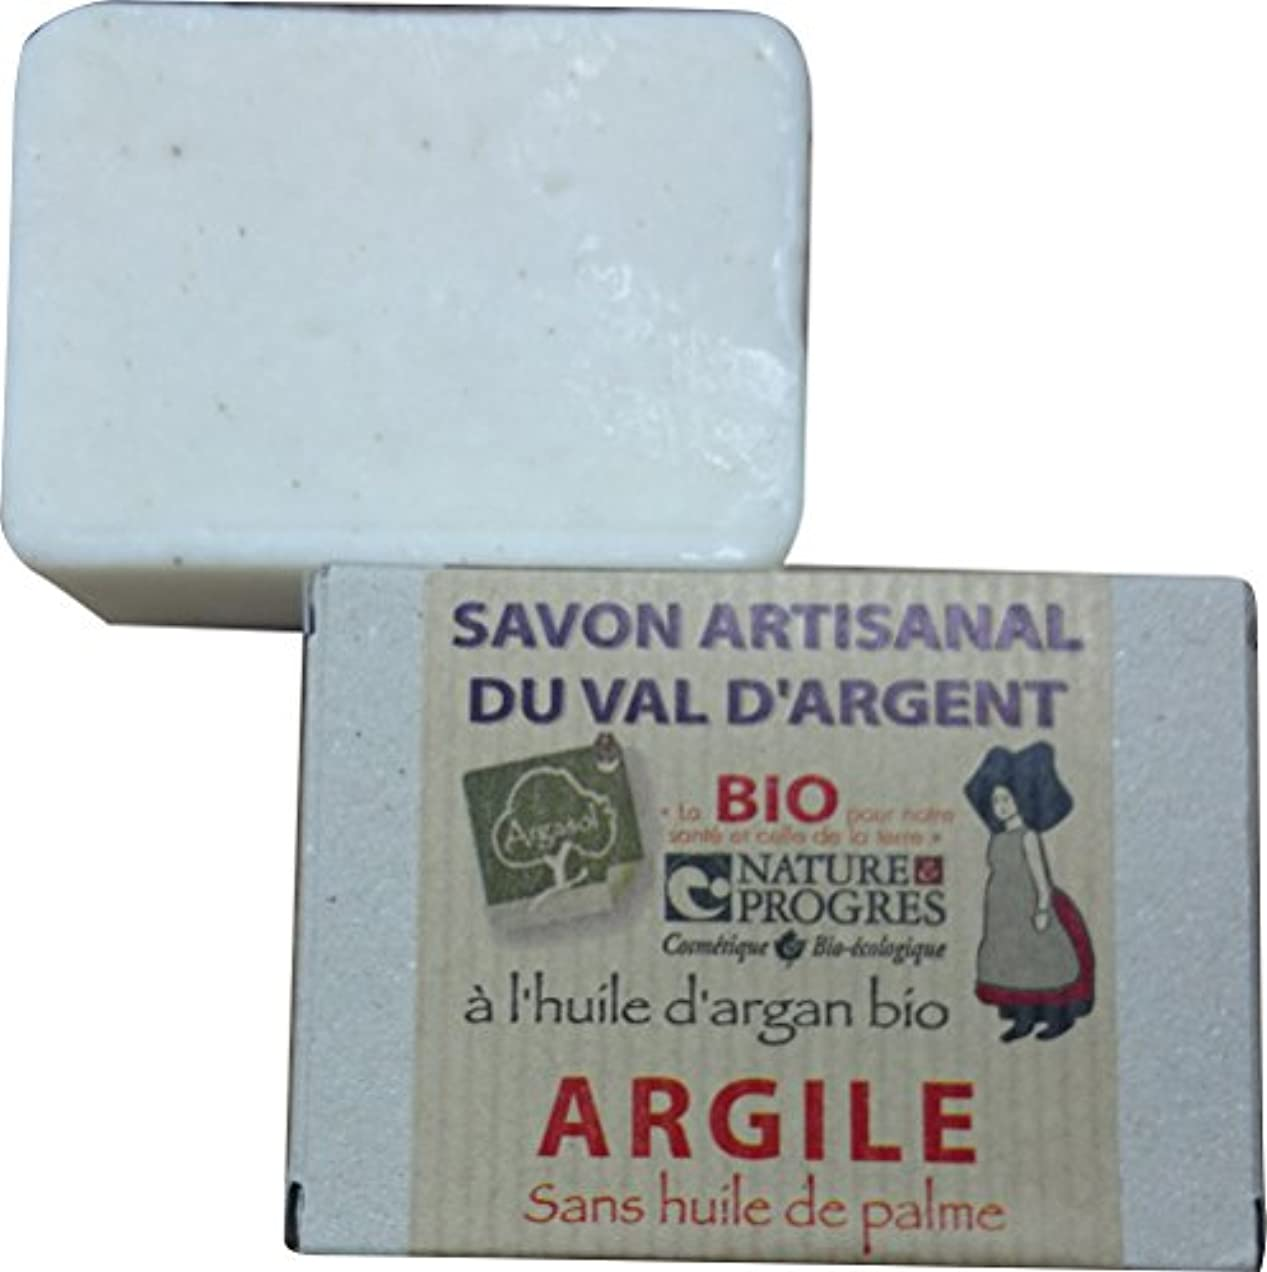 退院ボルト運営サボン アルガソル(SAVON ARGASOL) クレイ